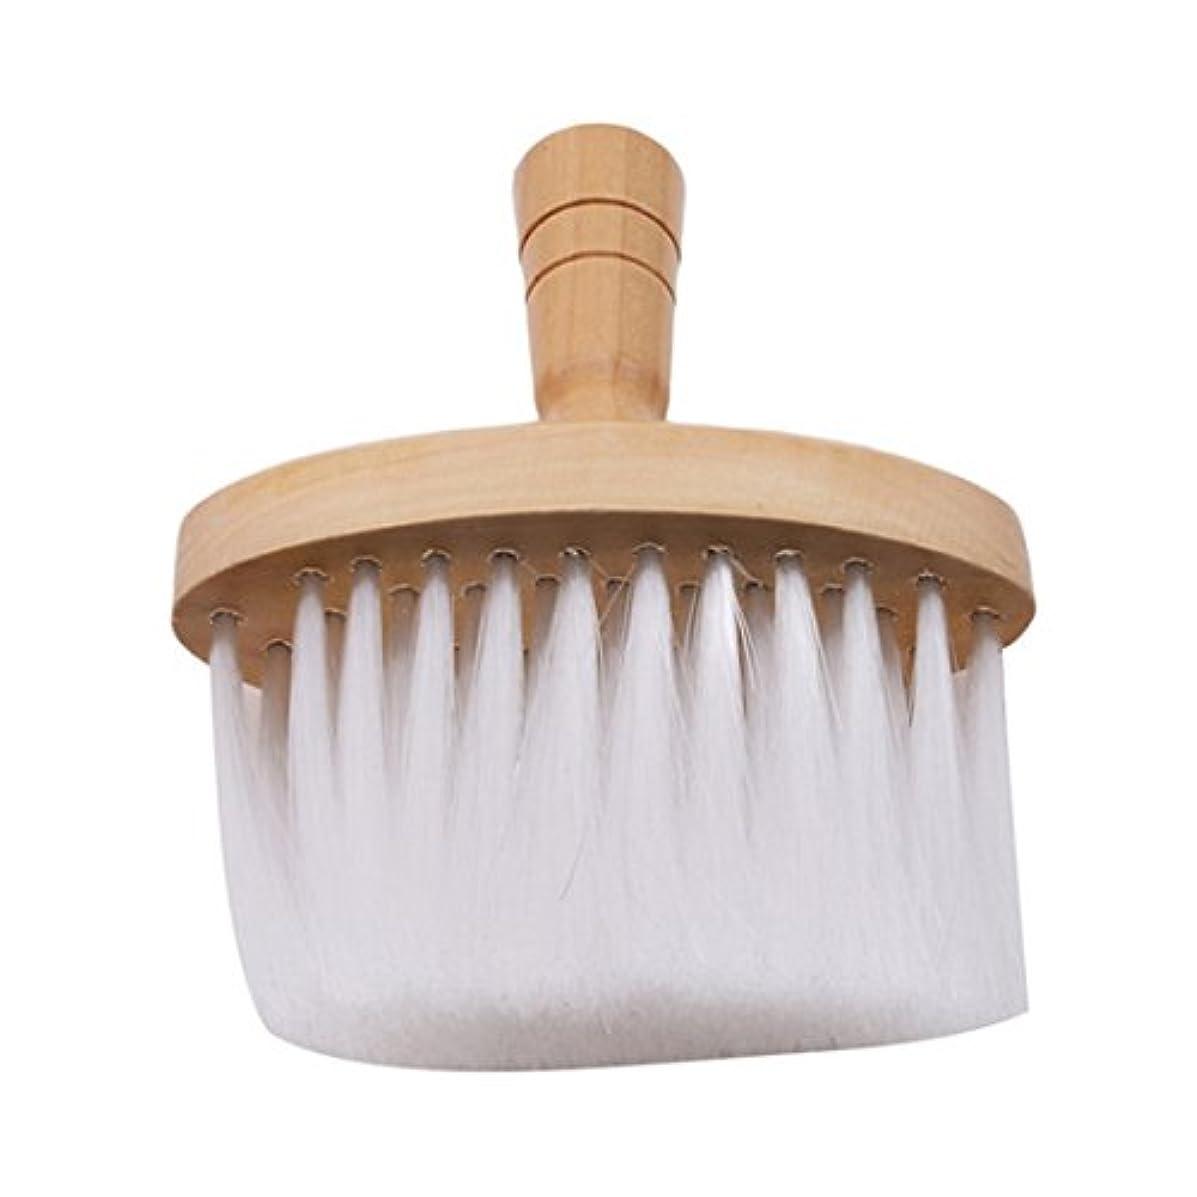 雰囲気足枷机VWHプロフェッショナルバーバーブラシ 木製ネックフェイスブラシサロンネックダスターブラシ 理髪 ヘアカット